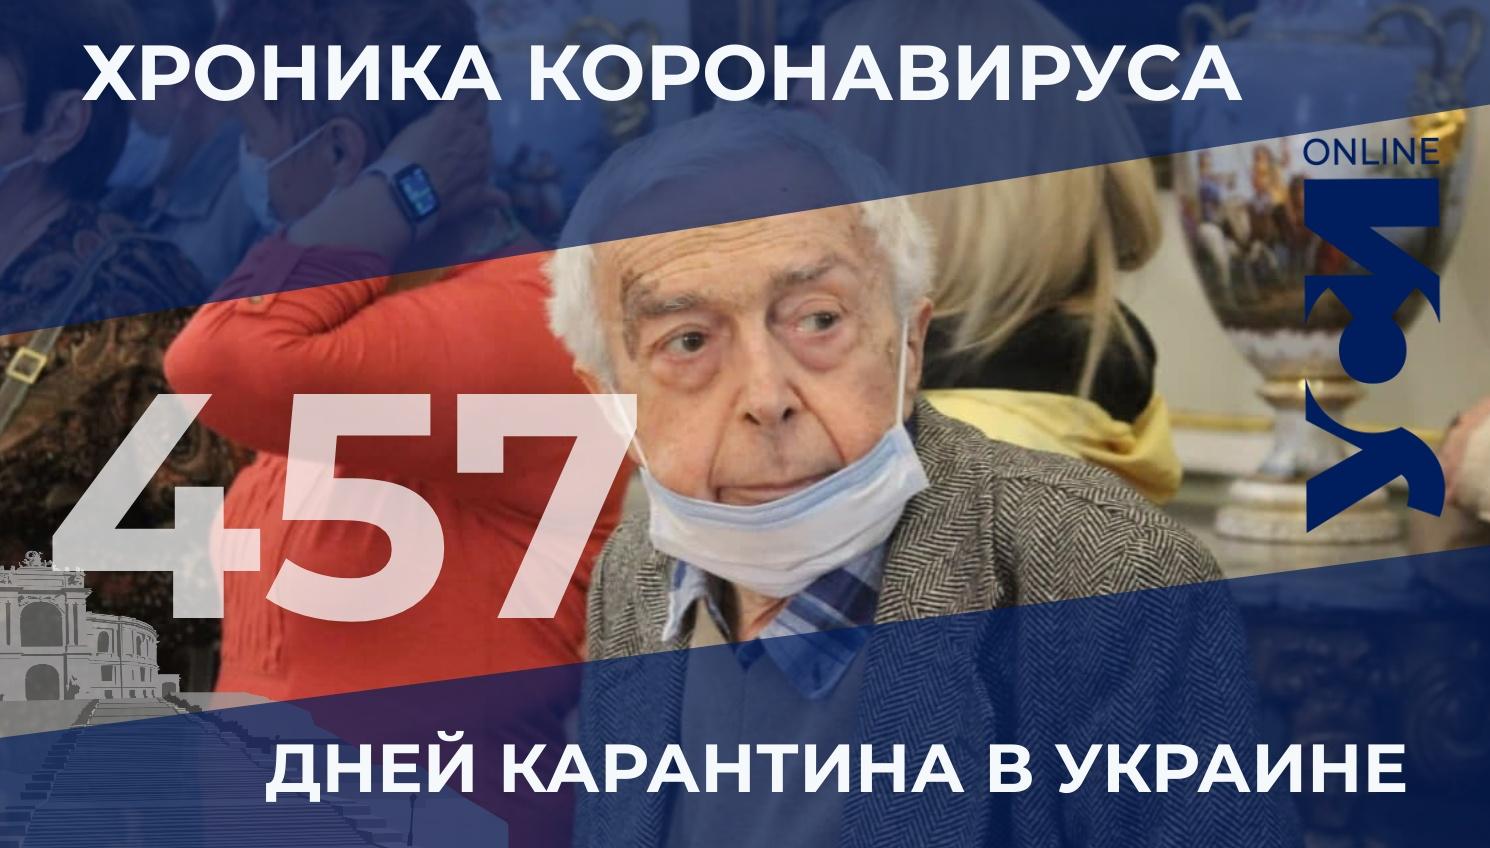 Хроника коронавируса: за день в Одесской области умерло 6 человек «фото»